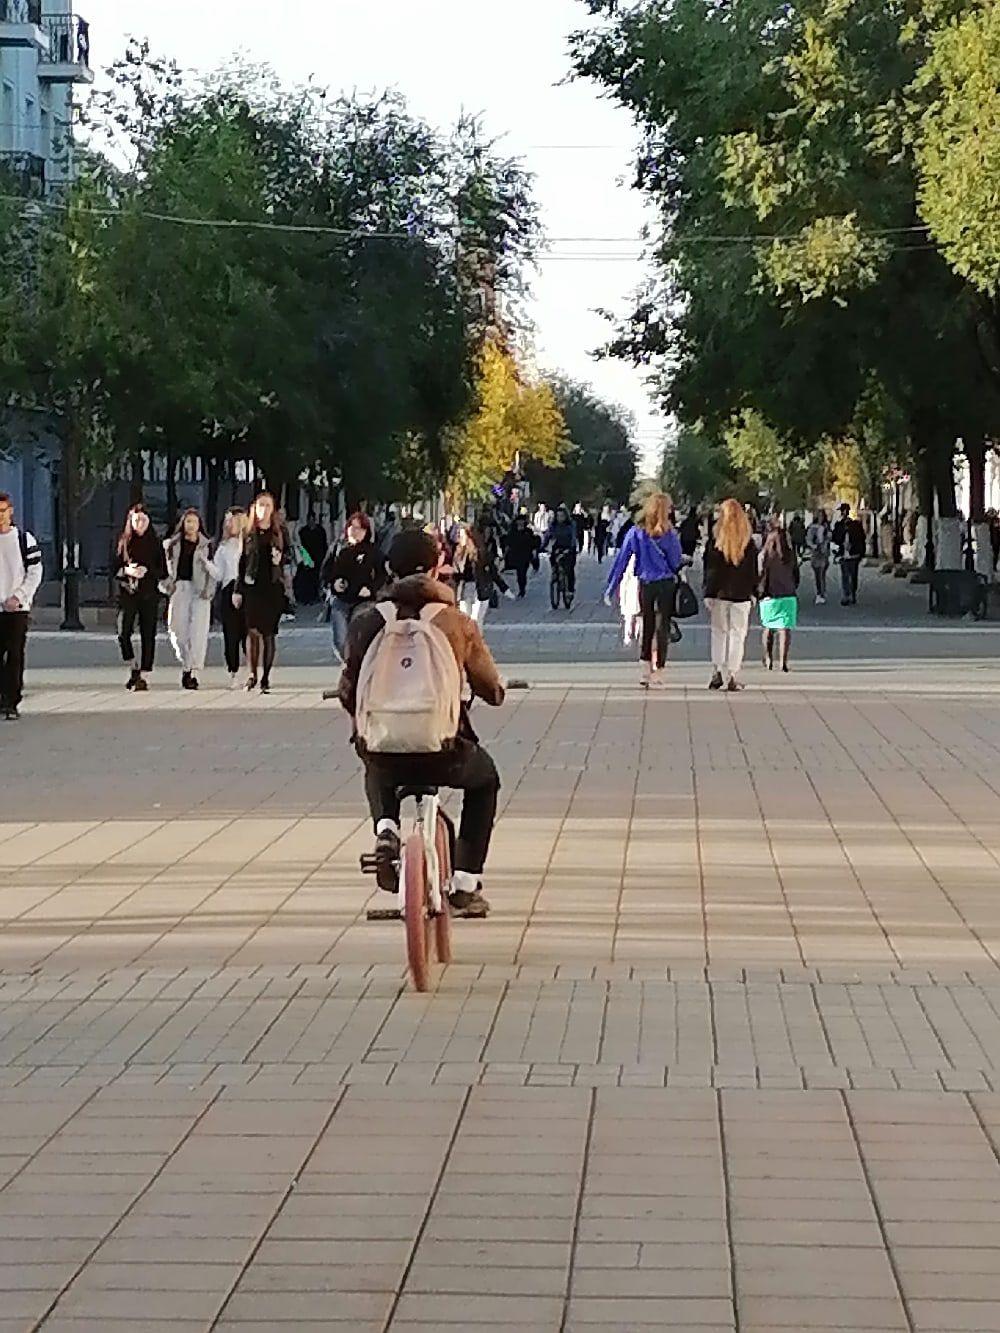 Народ гуляет по центральной пешеходной улице, уже привыкнув пить кофе только на ходу.